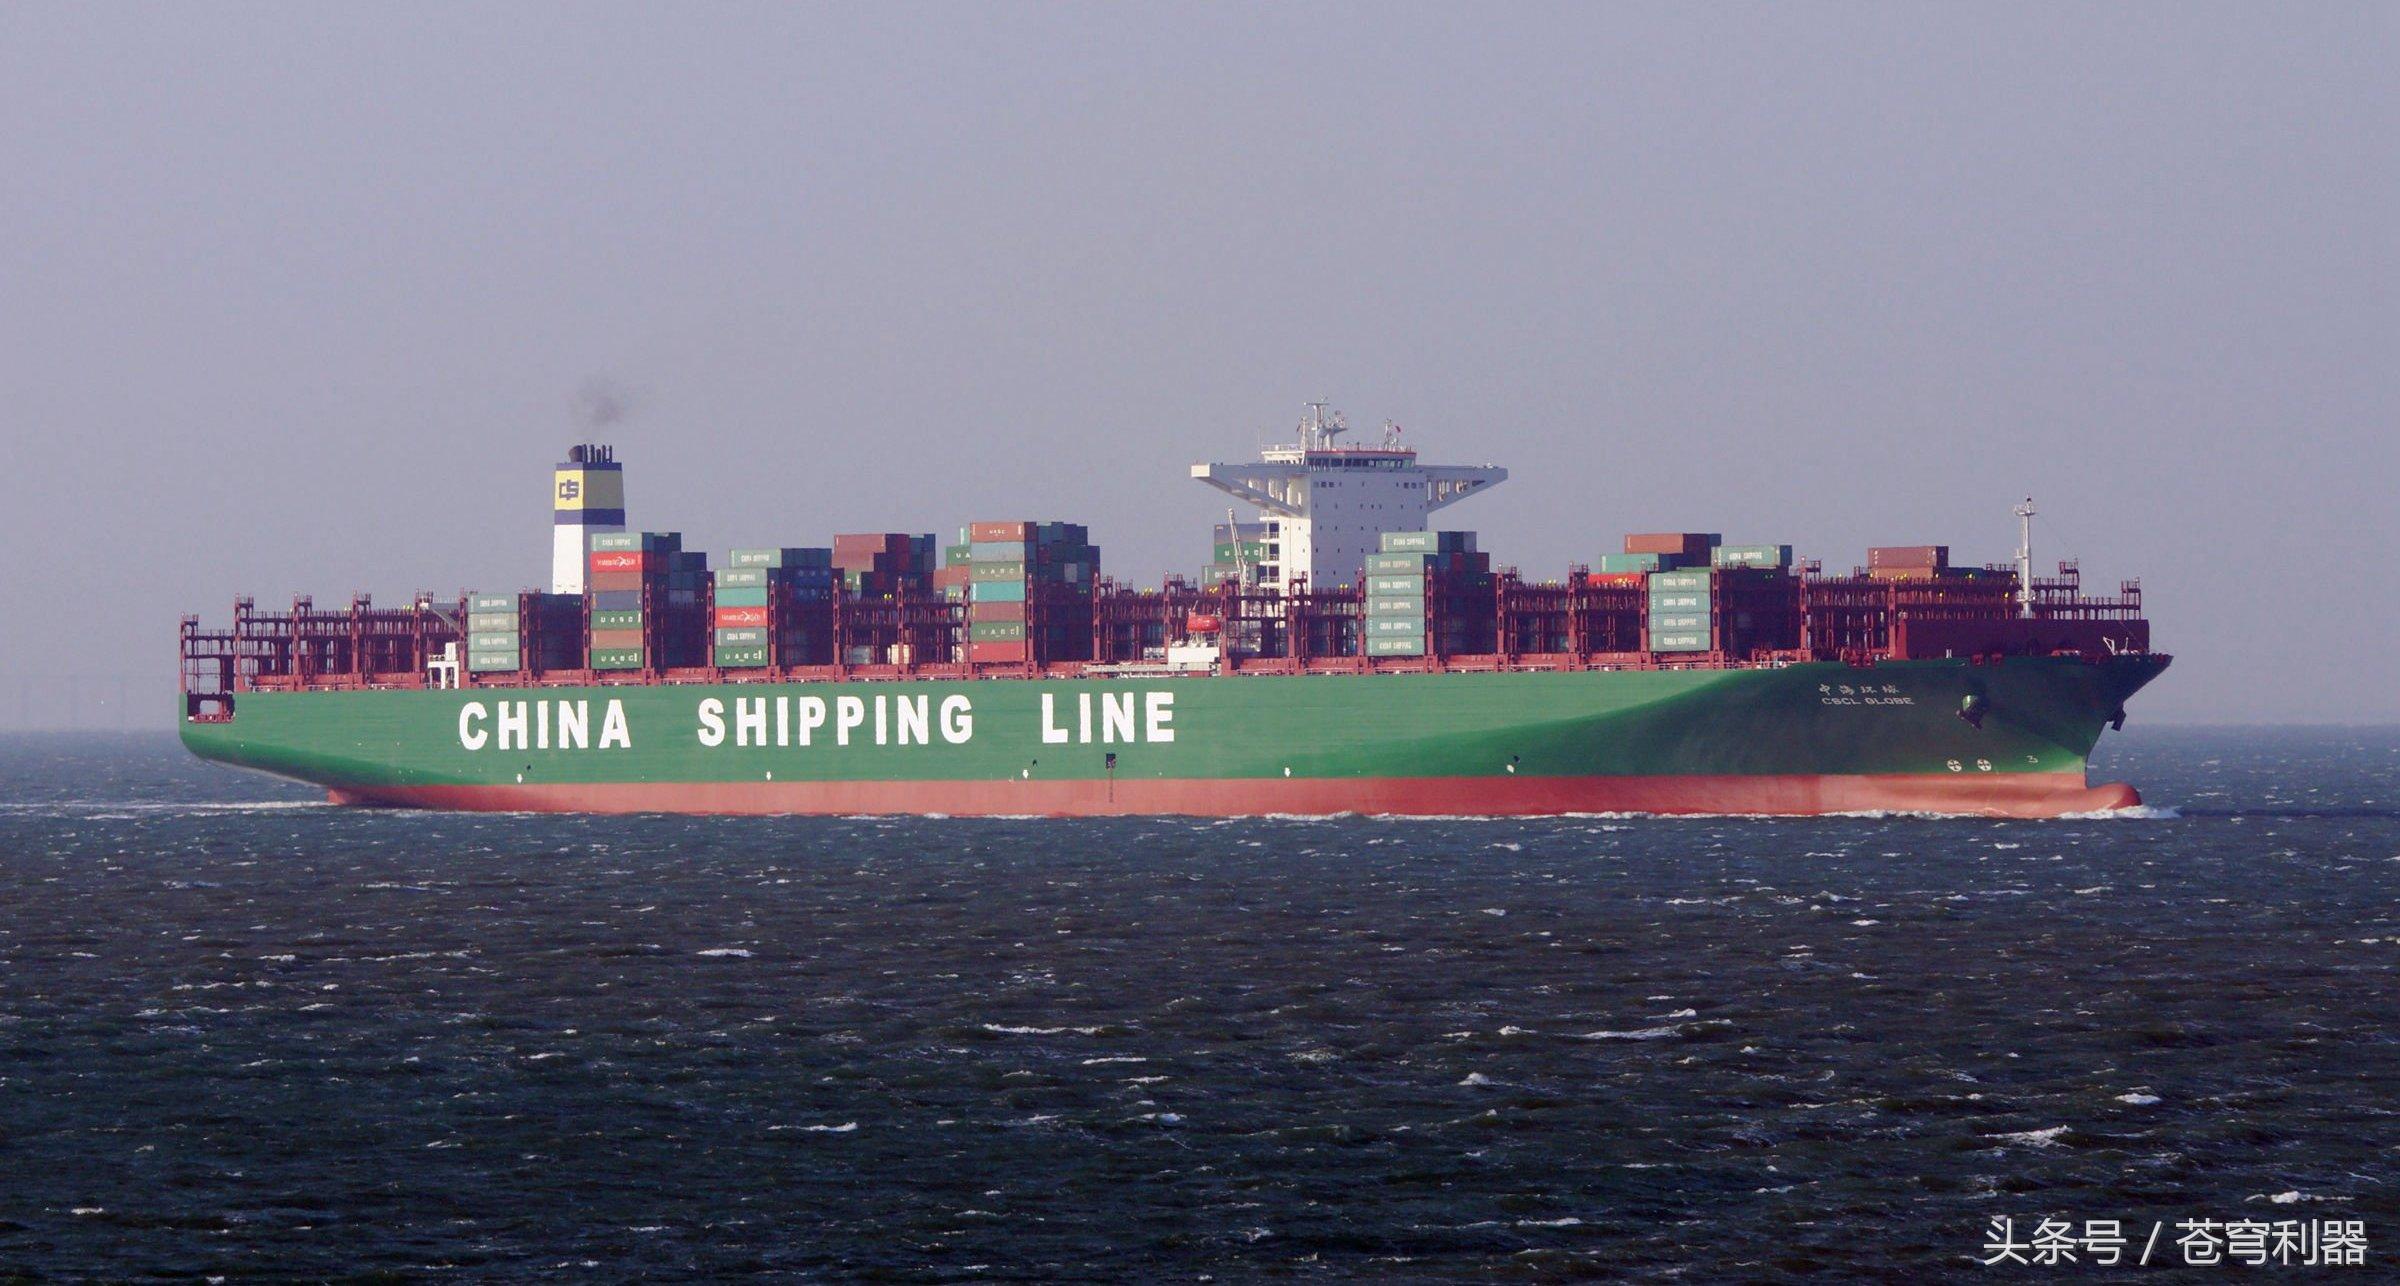 全球最大的貨輪,為何有的航母卻不到12萬噸?-悟空問答